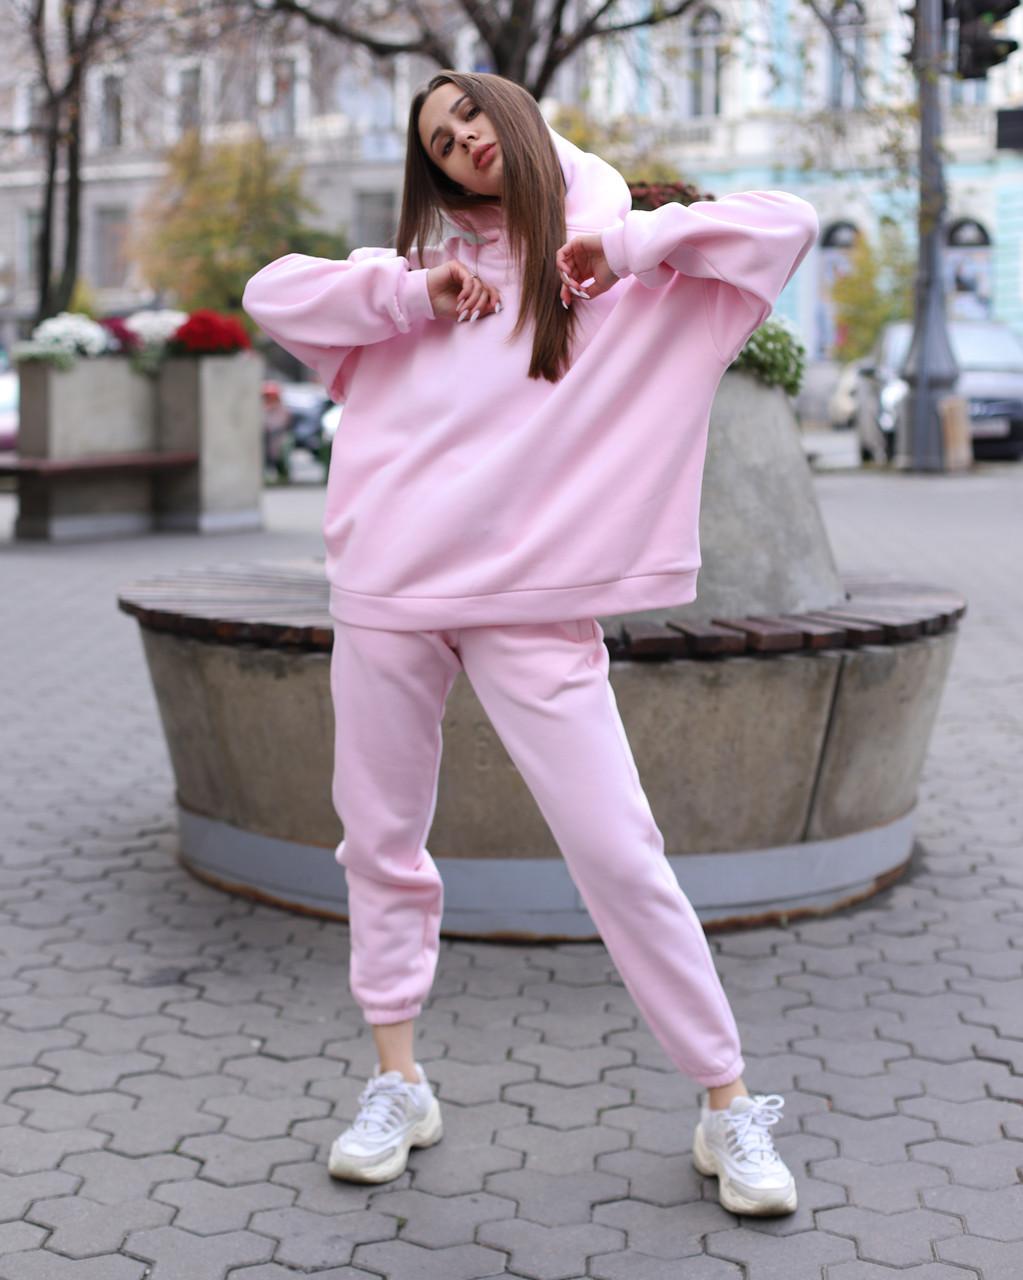 Спортивный костюм женский  розовый на флисе сезон зима Эми от бренда Тур, размеры: S,M